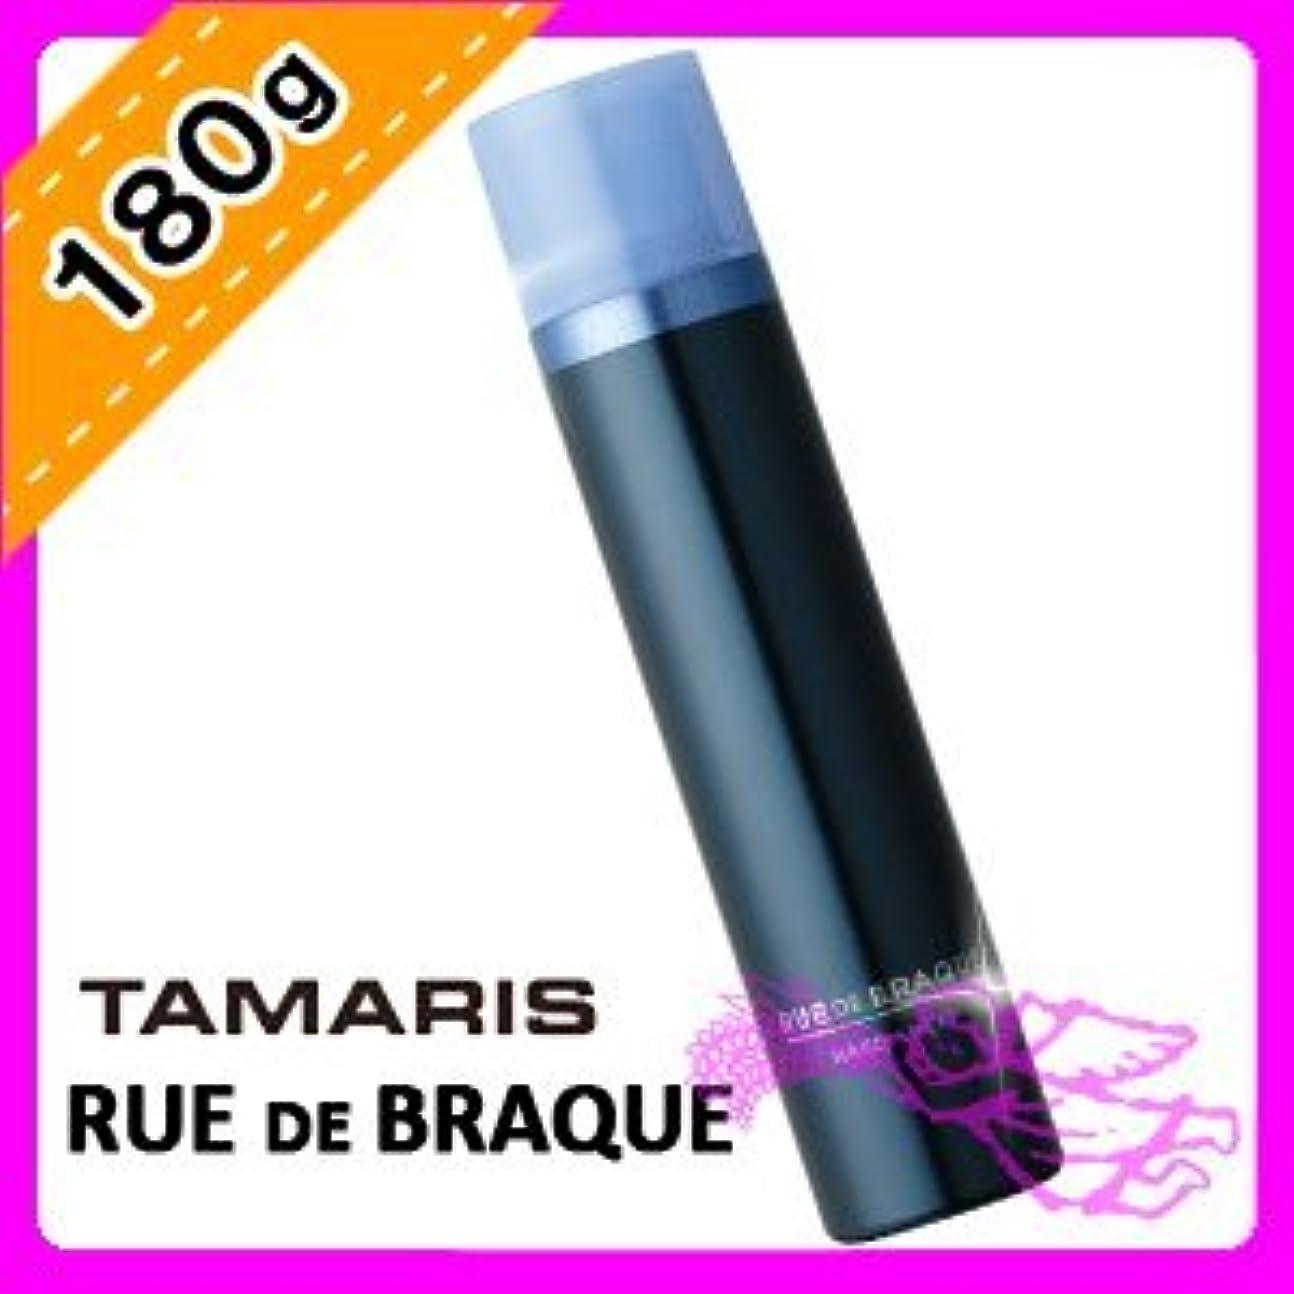 嫌がらせピン展開するタマリス ルードブラック ハードスプレー 180g TAMARIS RUE DE BRAQUE